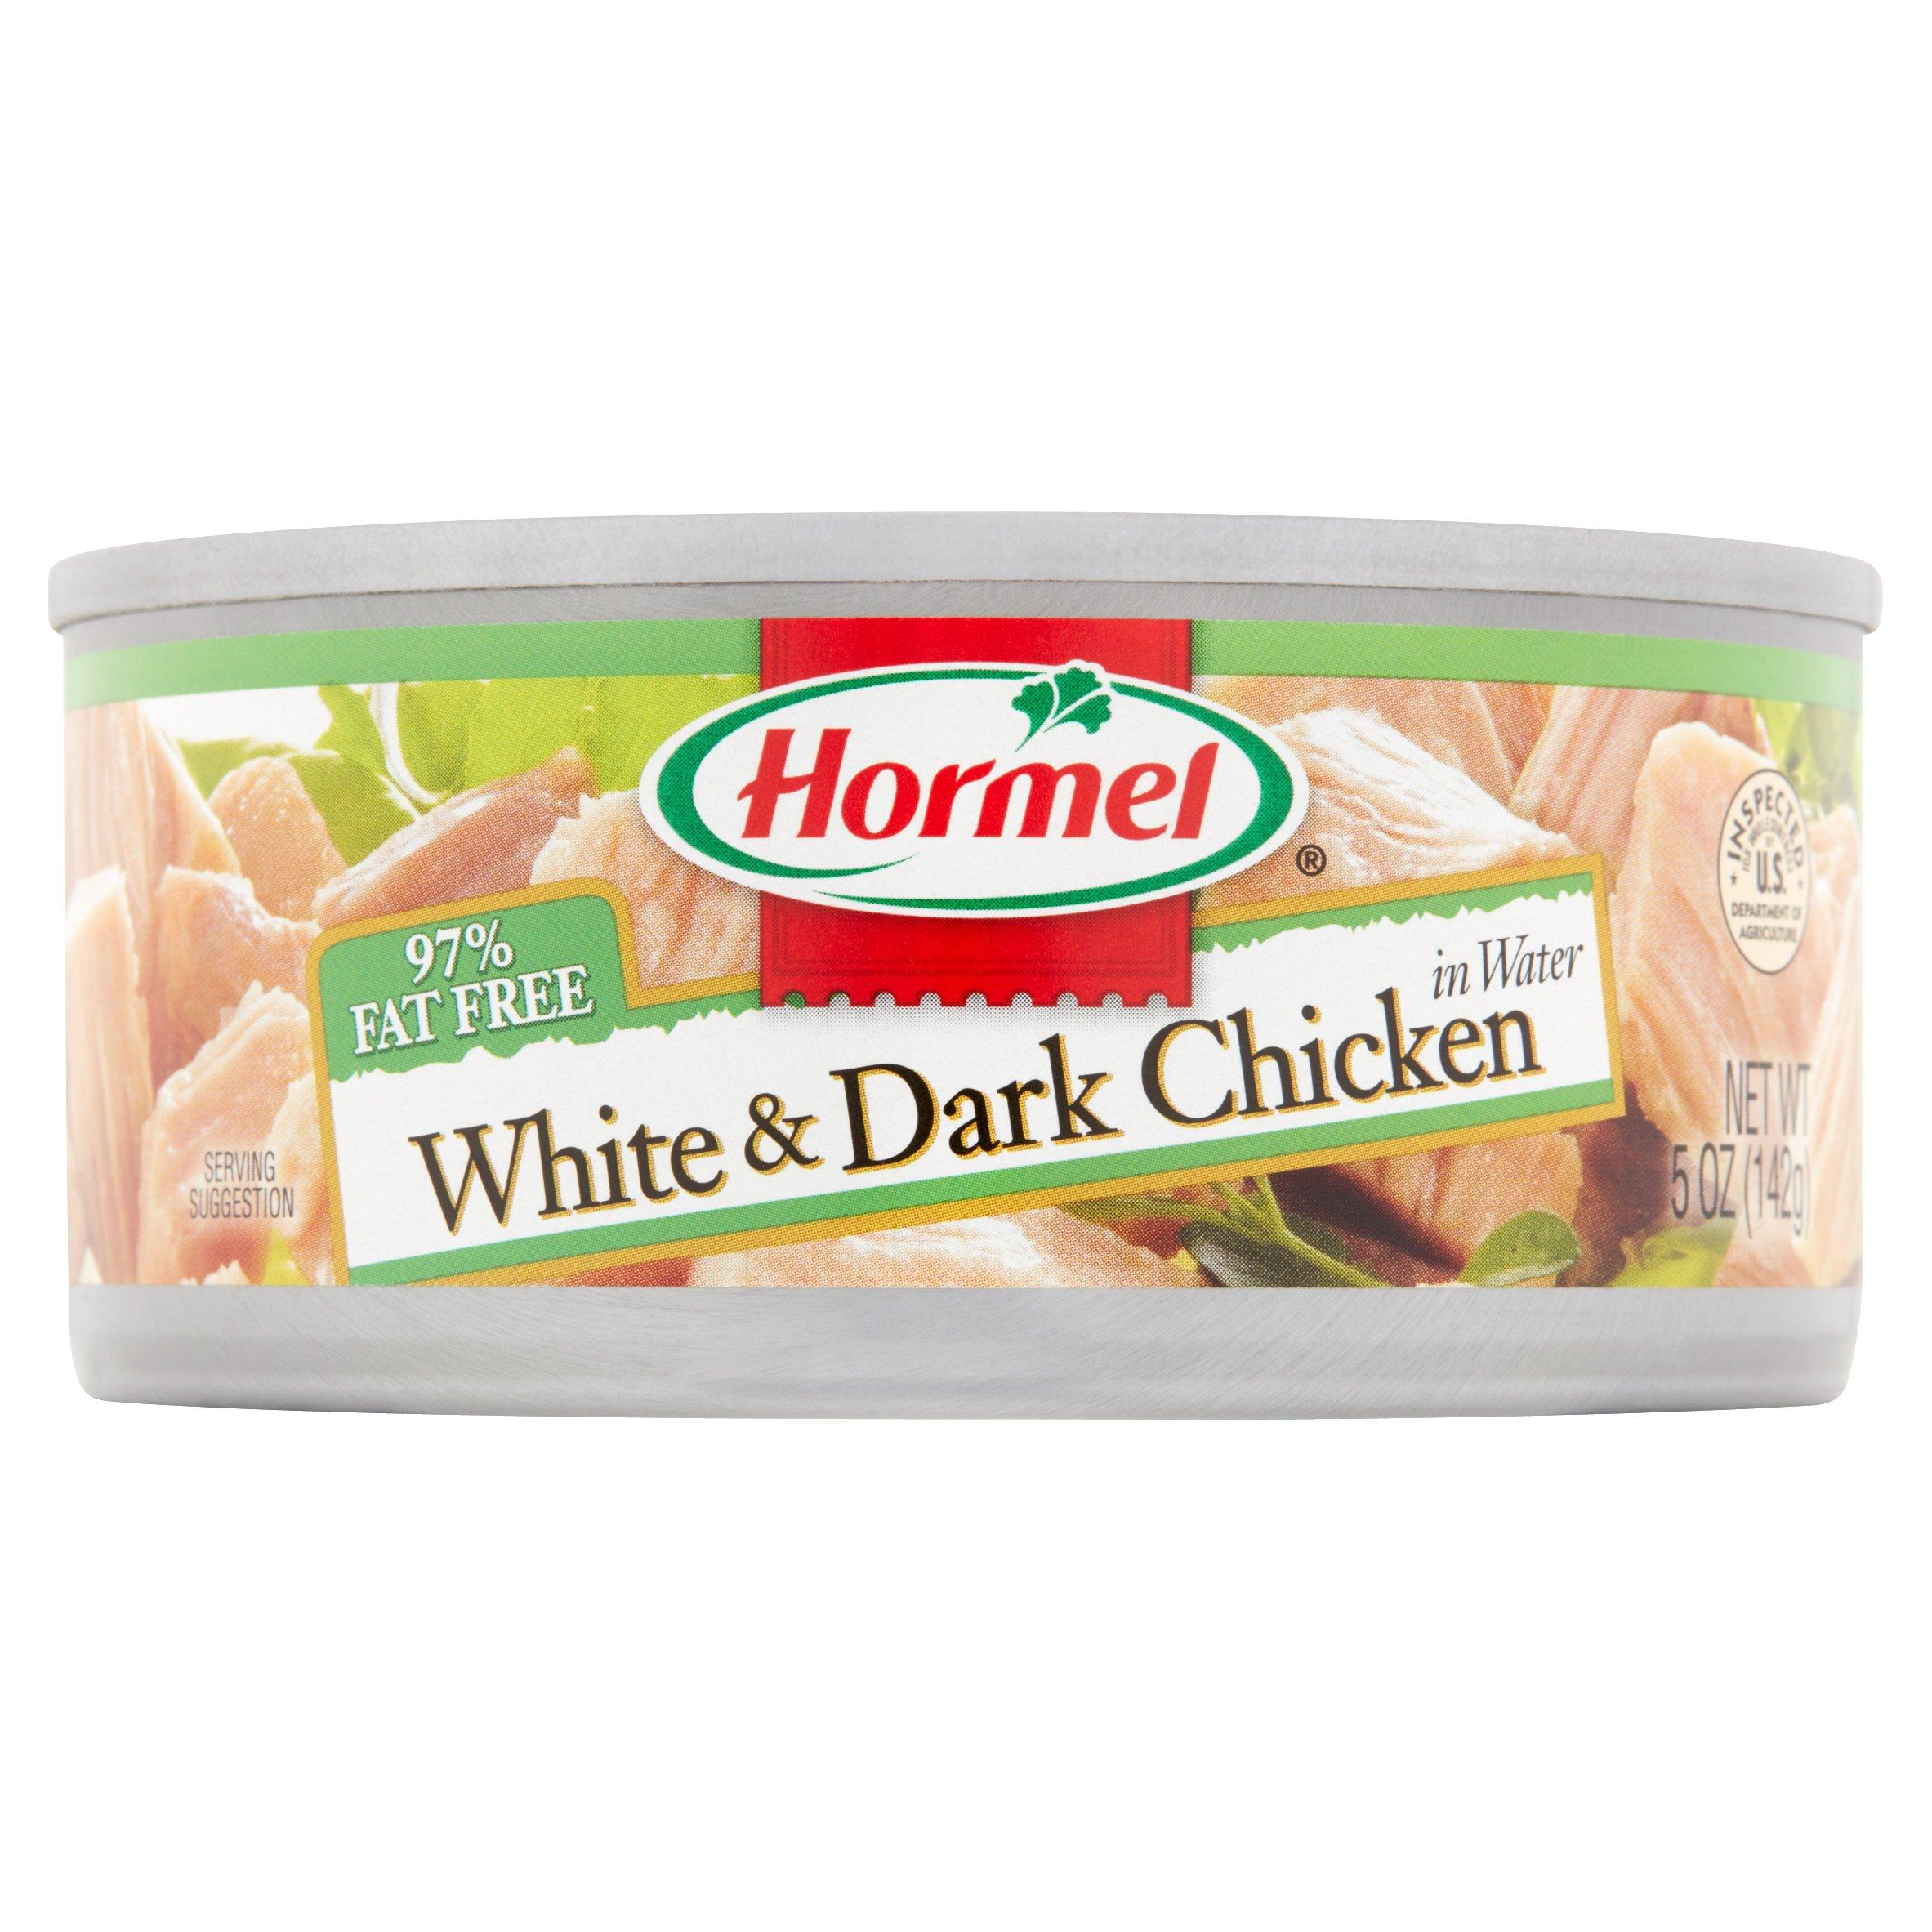 Hormel White & Dark Chicken in Water 5 oz. Can.